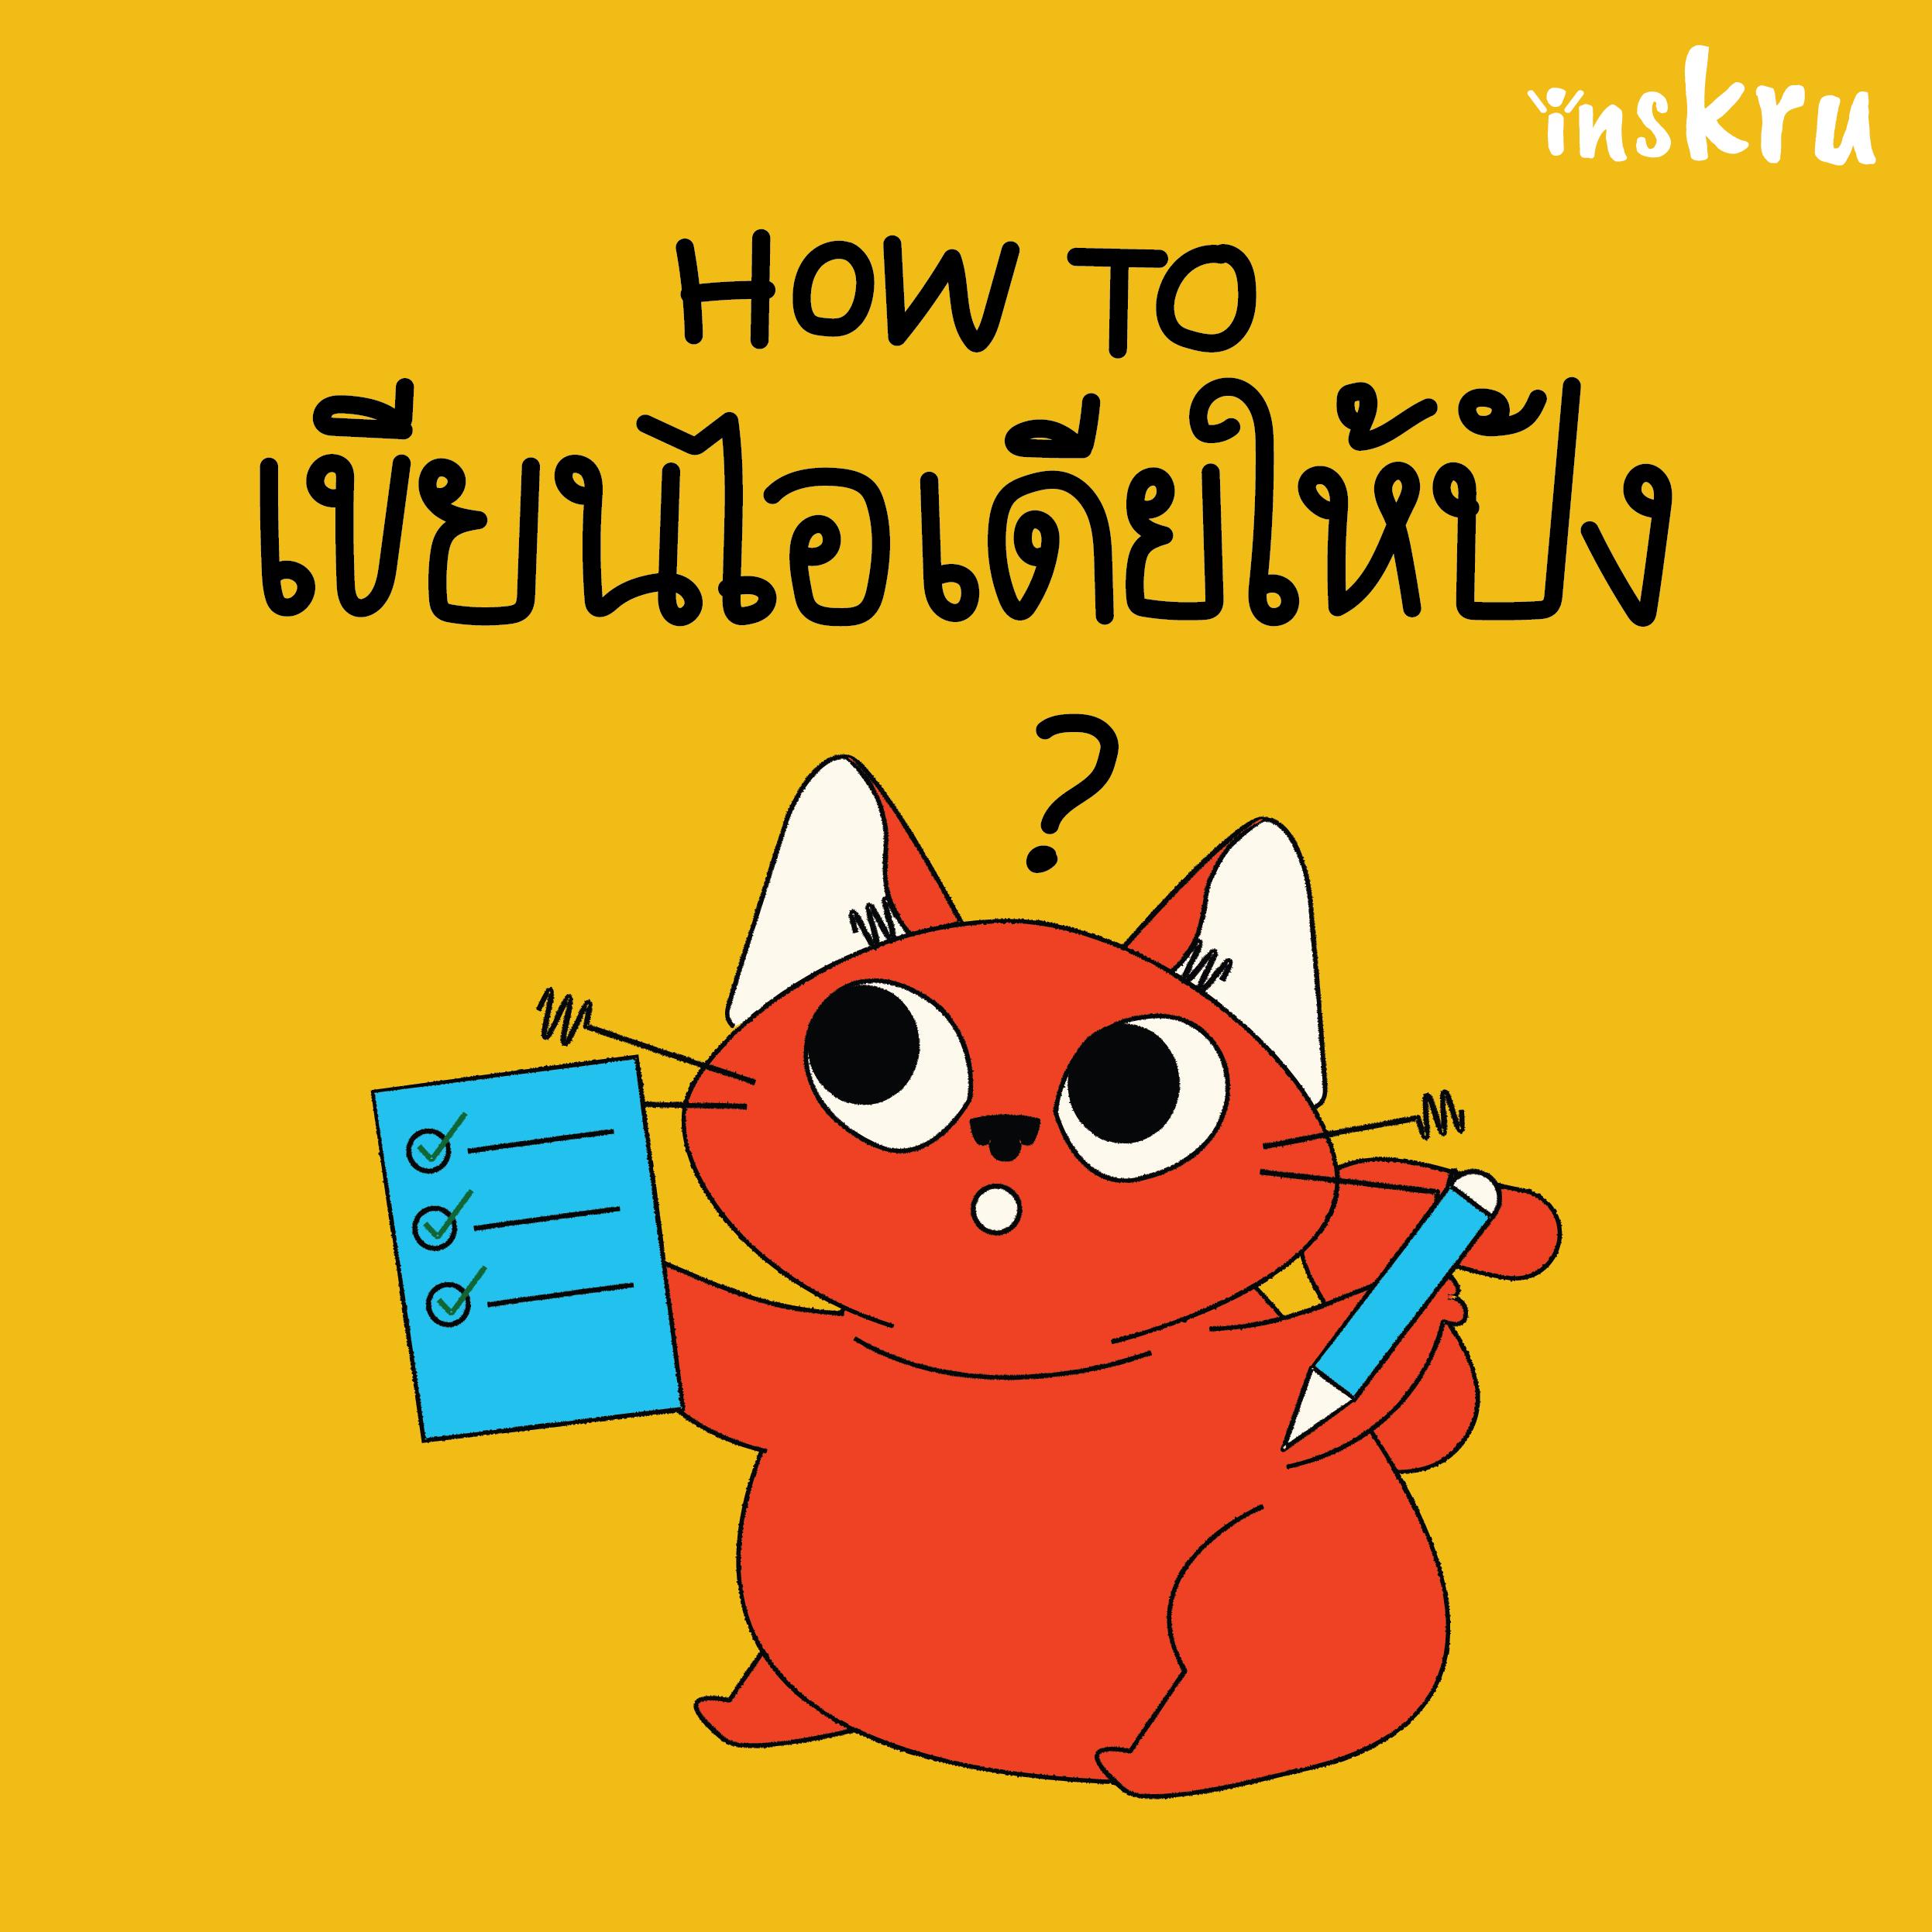 ภาพประกอบไอเดีย How to เขียนไอเดียให้ปัง!